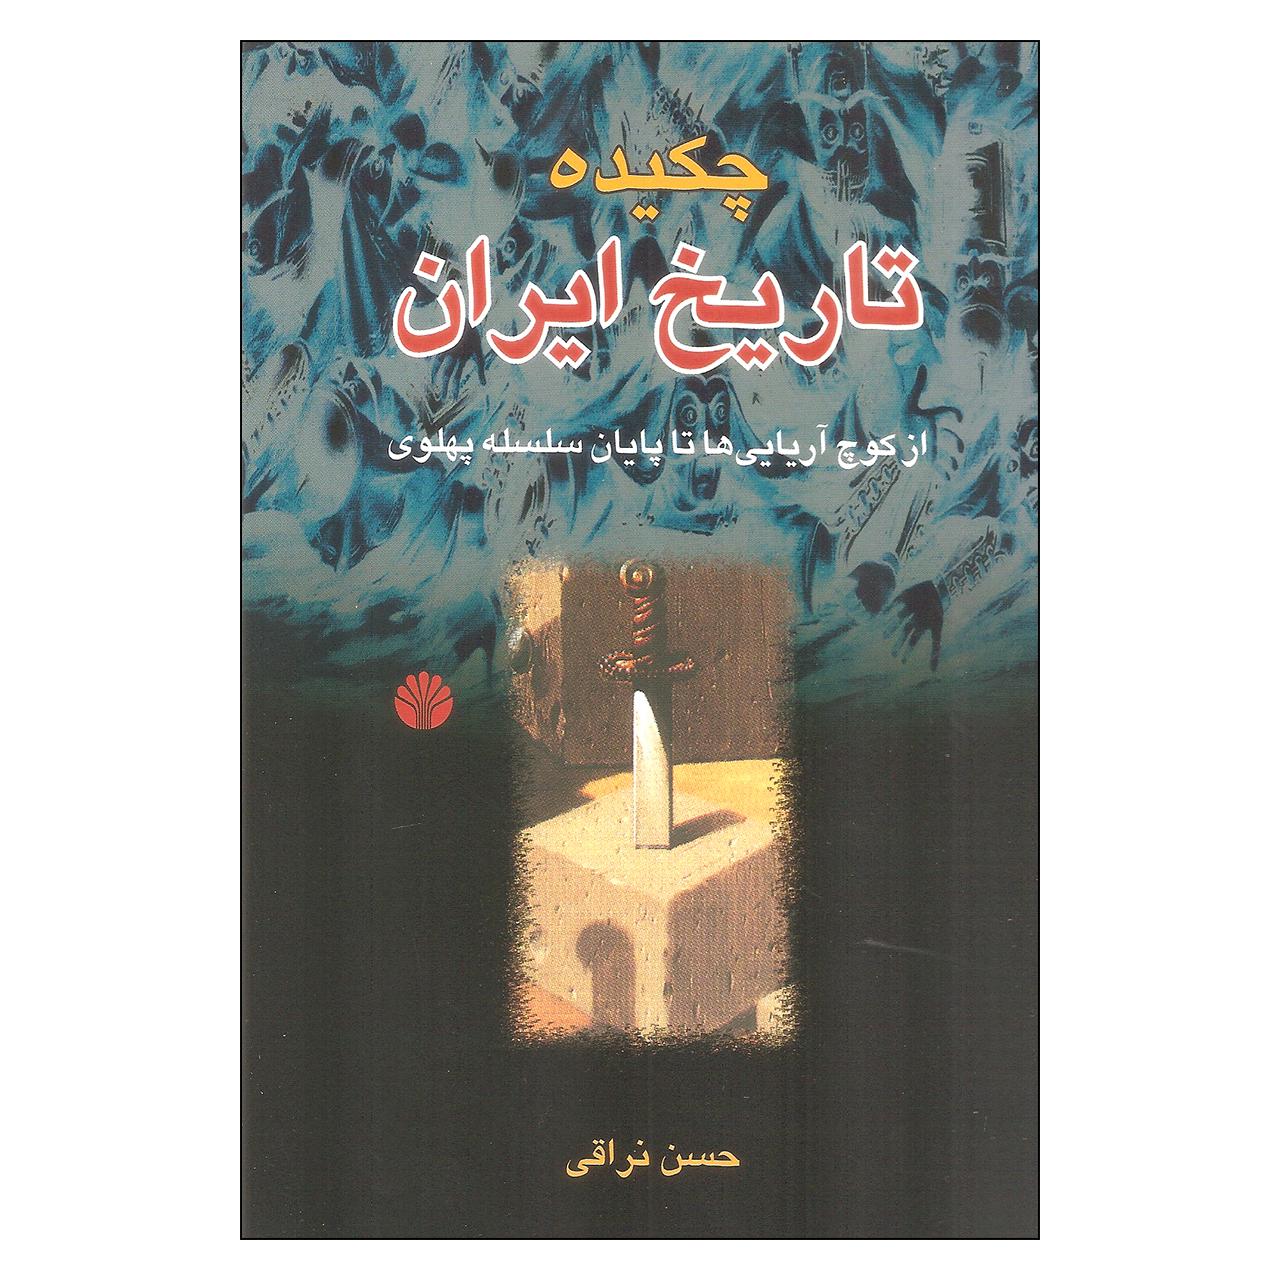 خرید                      کتاب چکیده تاریخ ایران اثر حسن نراقی نشر اختران